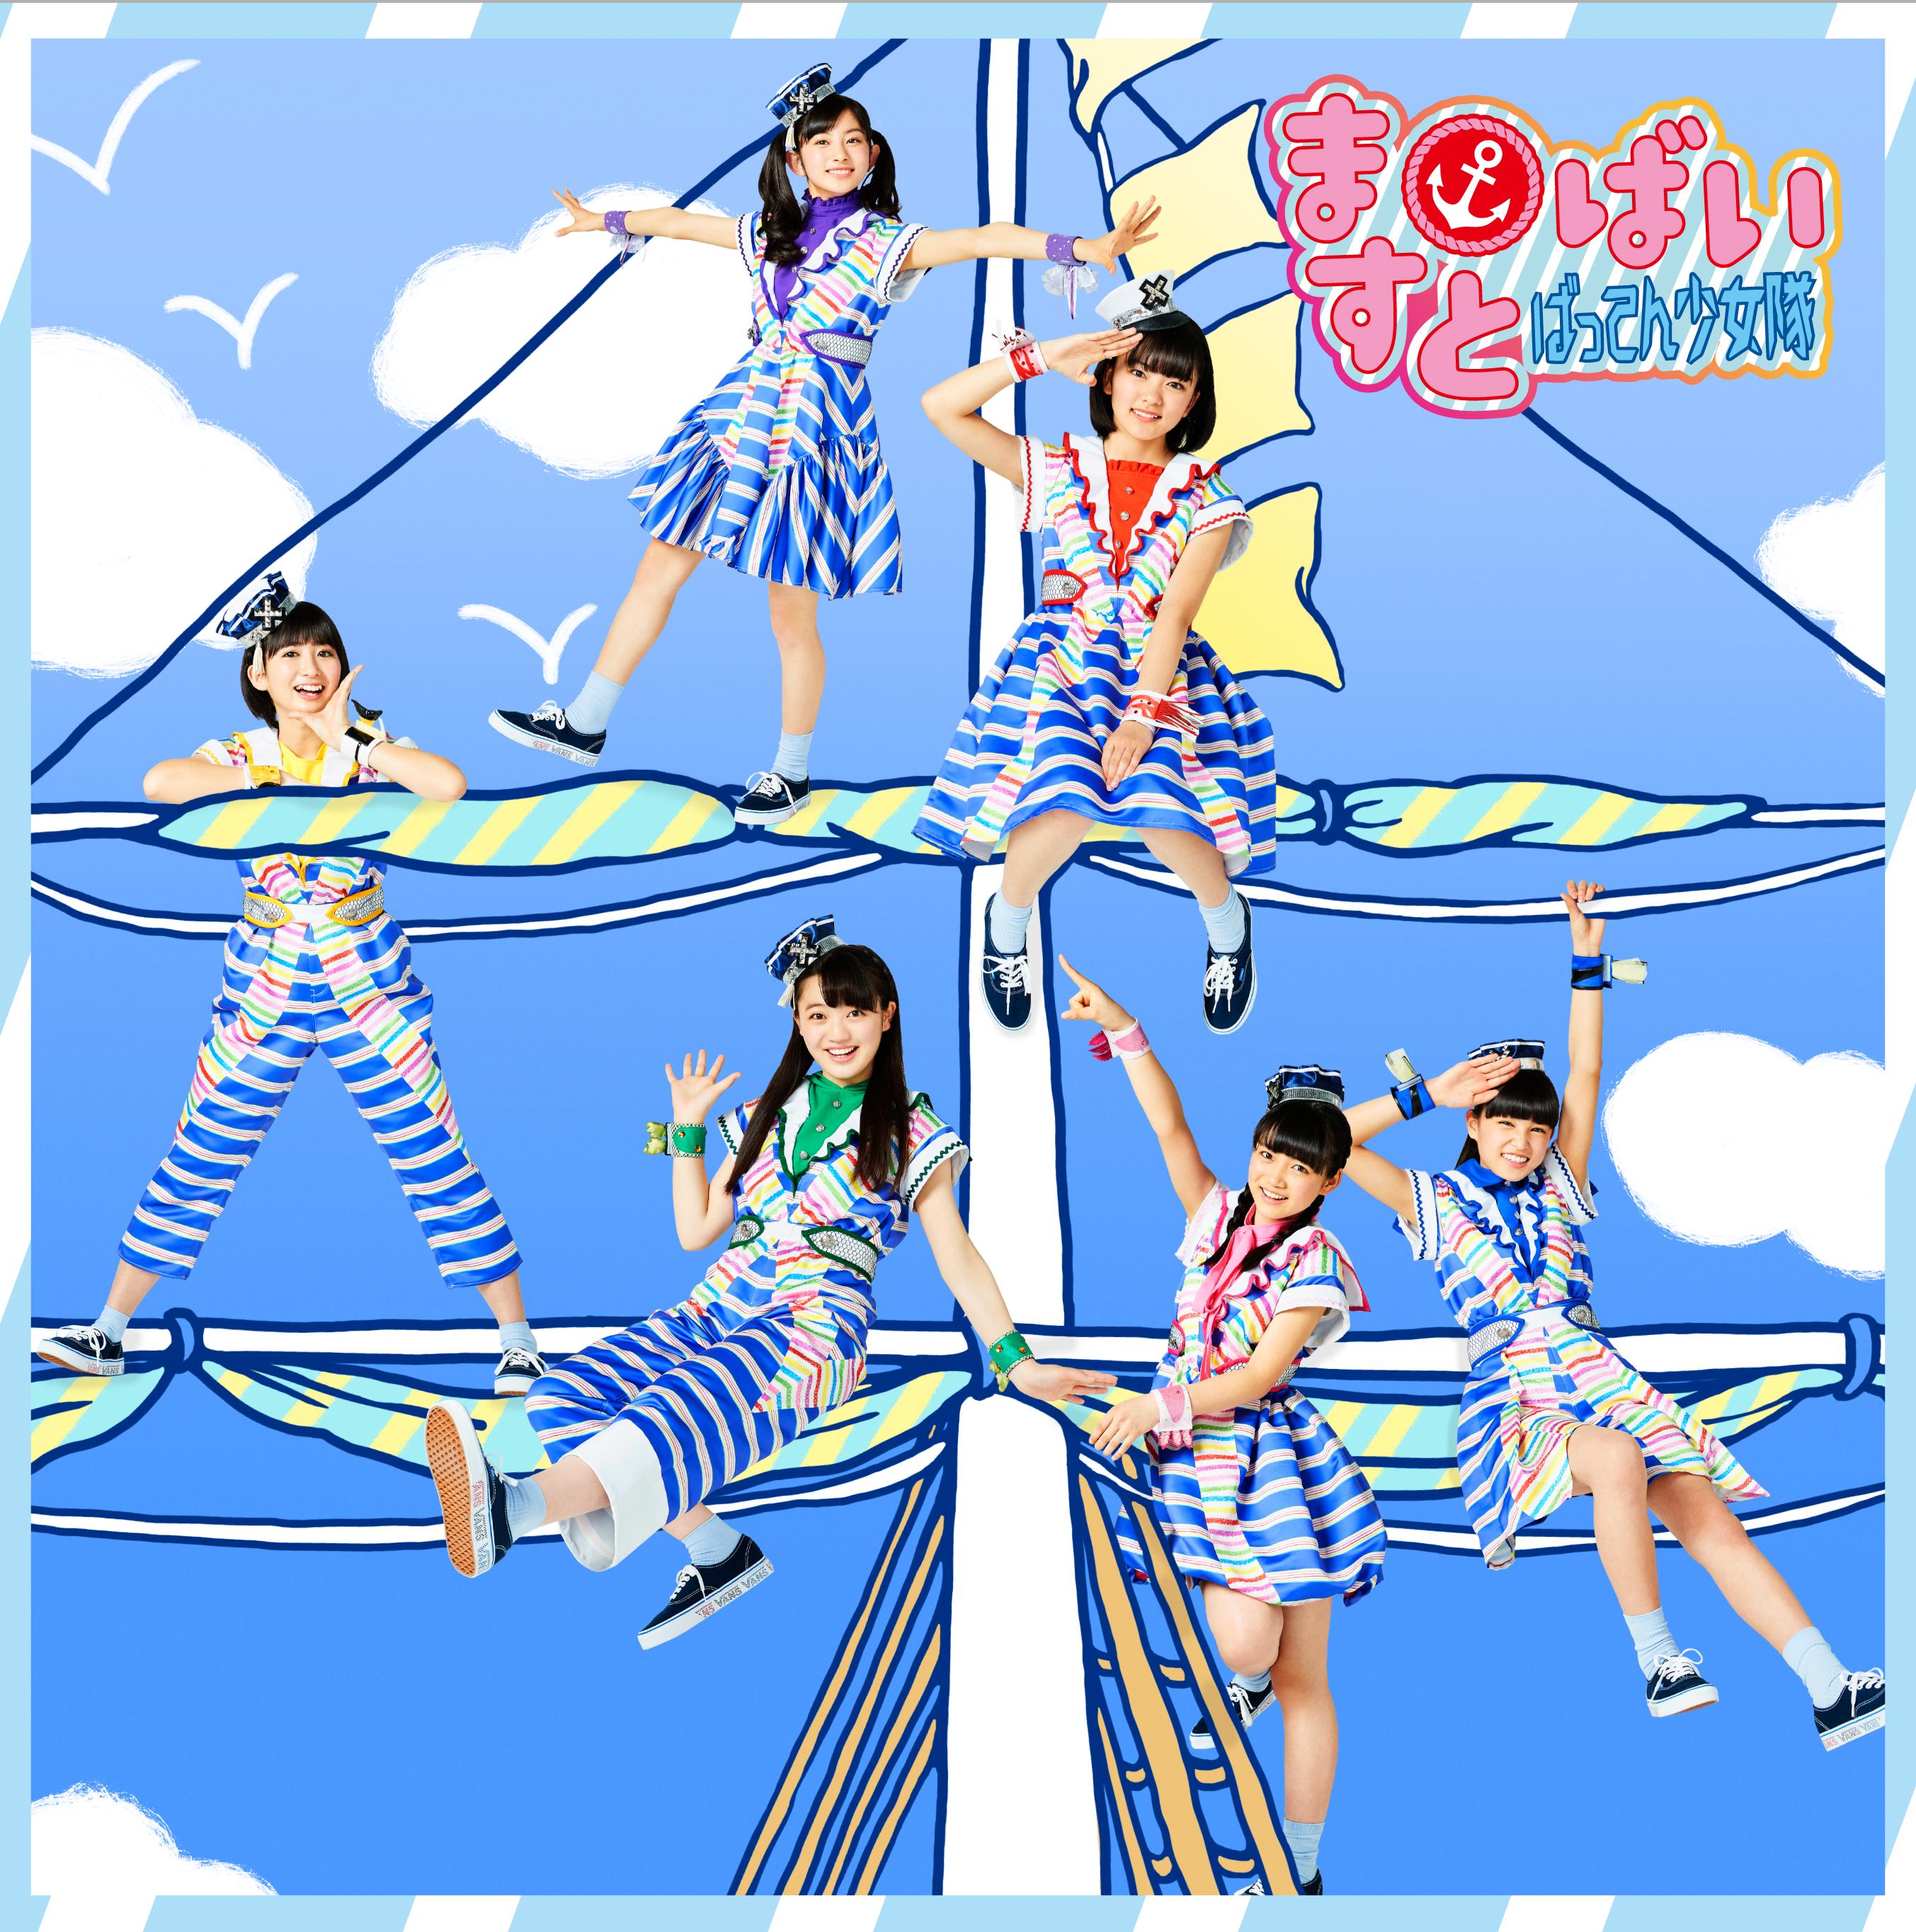 アルバム『ますとばい』【ますと盤】(CD+インストCD+Photobook+Blu-ray)